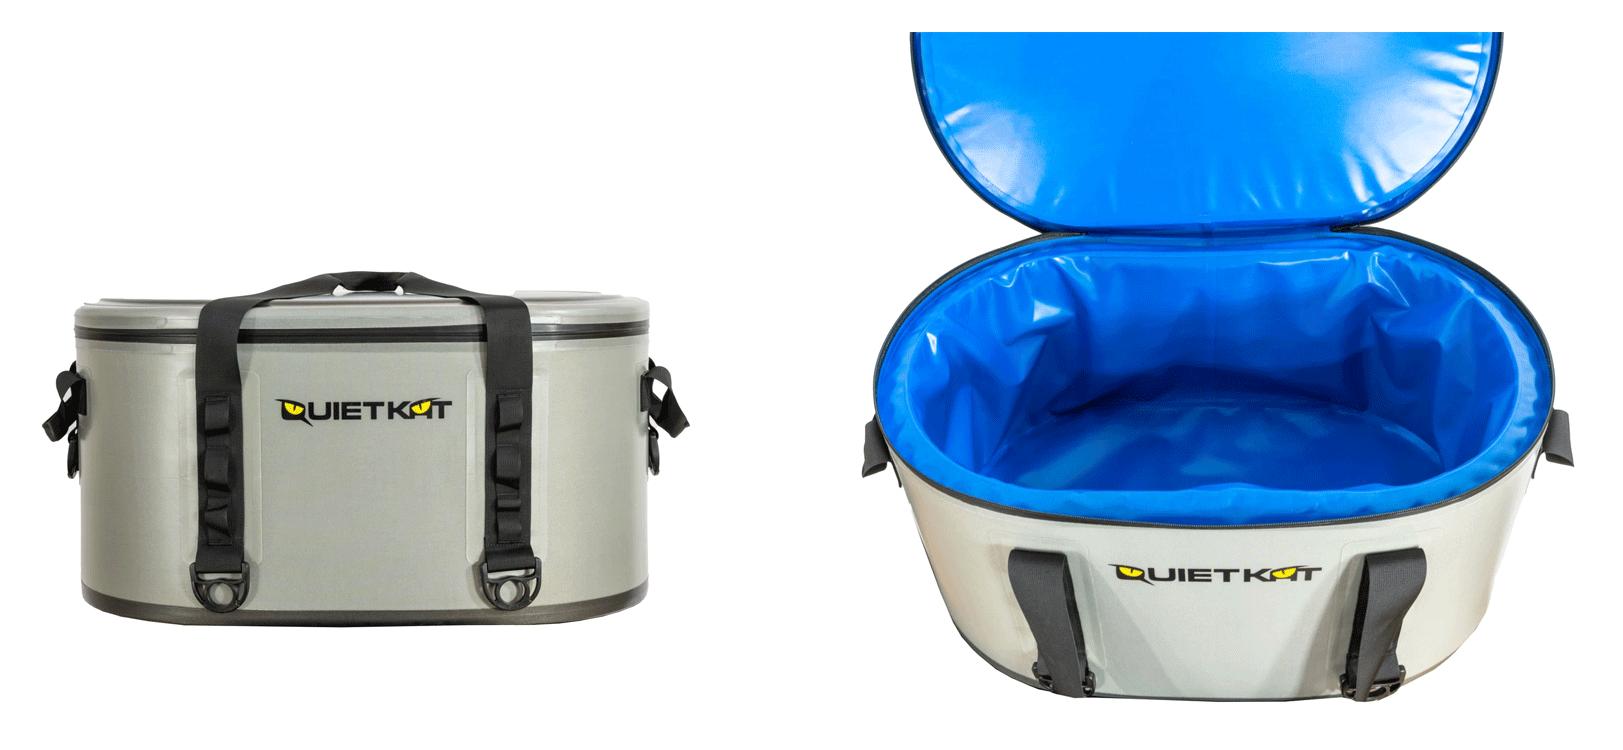 One of the QuietKat accessories - Gore Cargo Cooler